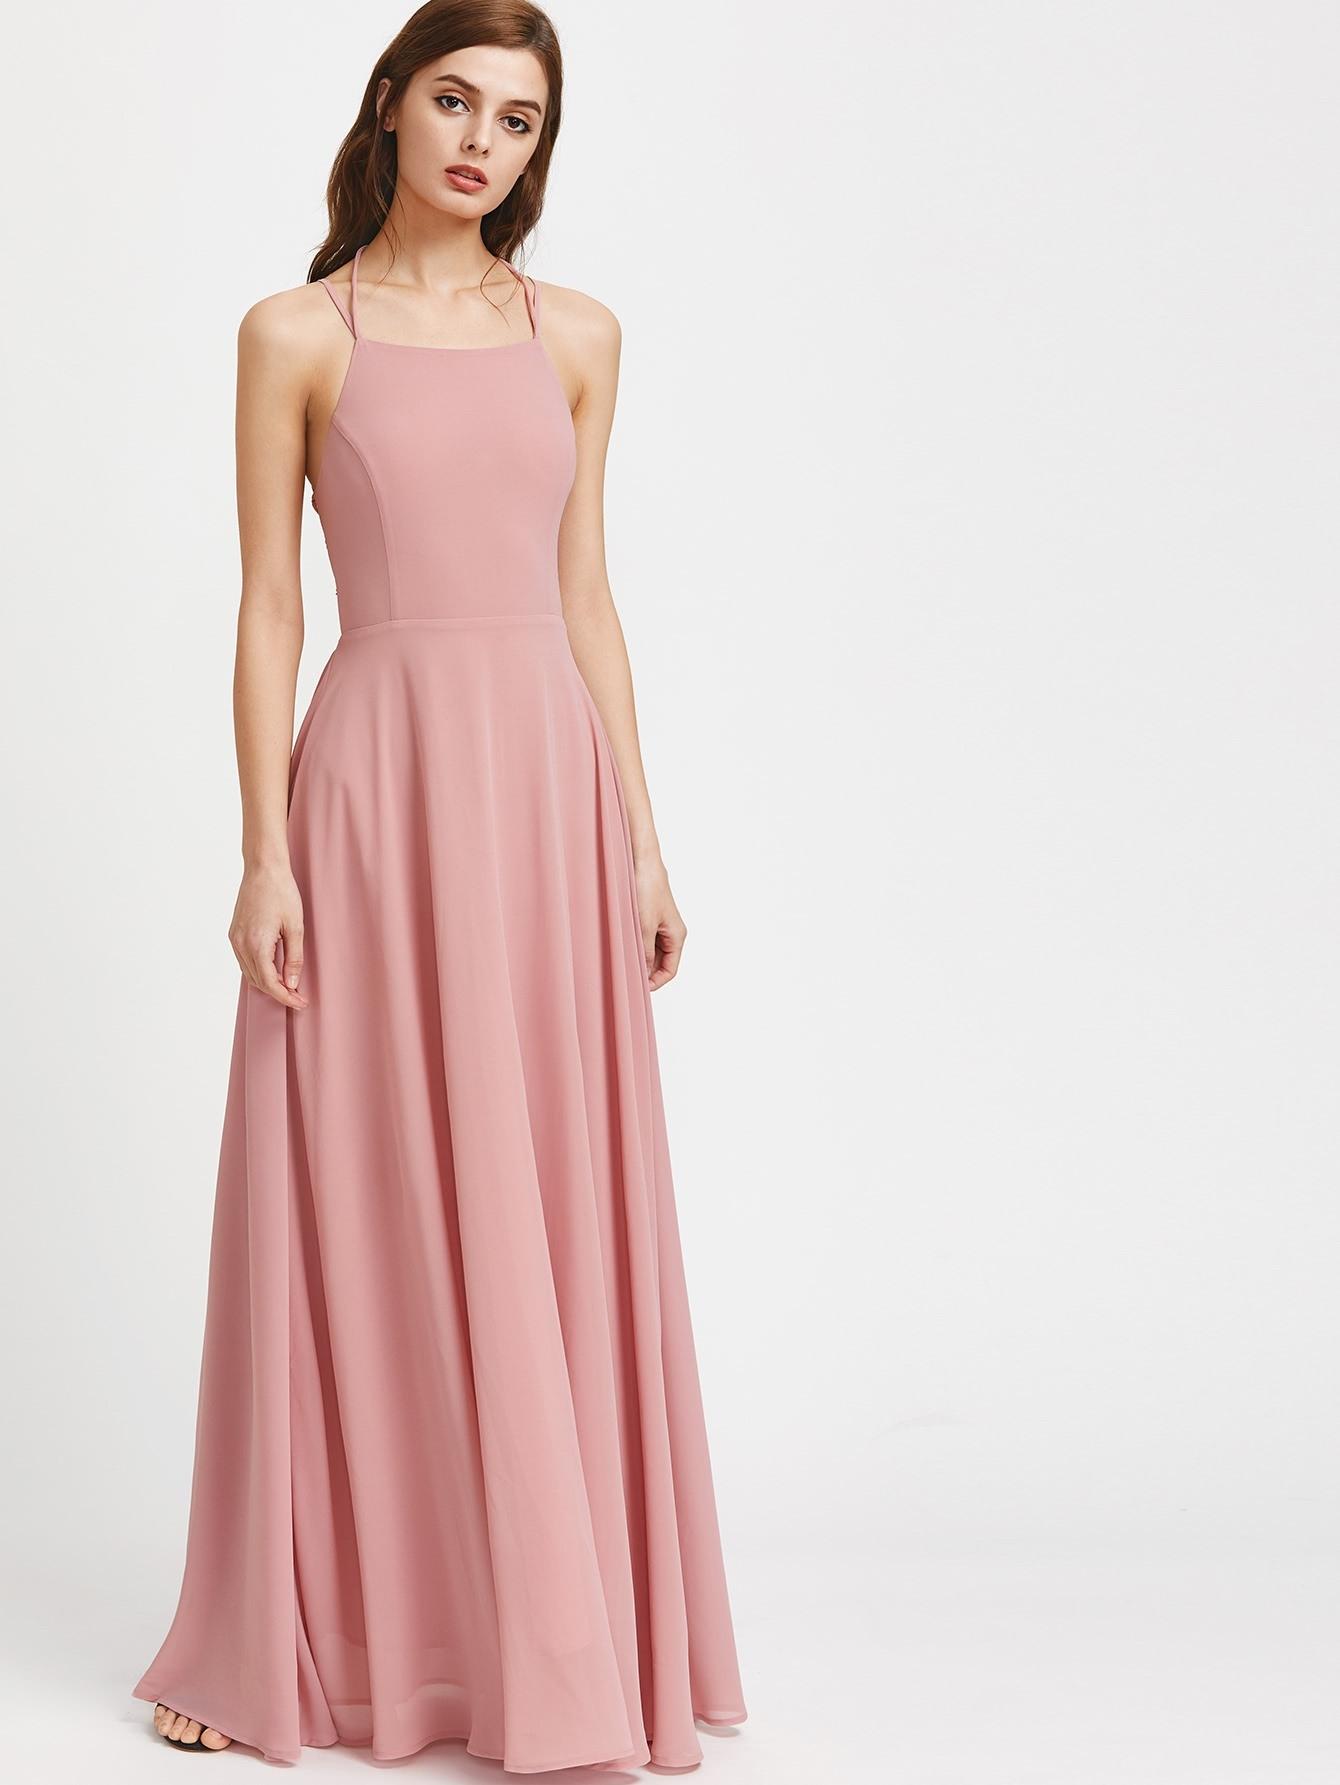 13 Einfach Langes Kleid Mit Spitze für 201915 Leicht Langes Kleid Mit Spitze Stylish